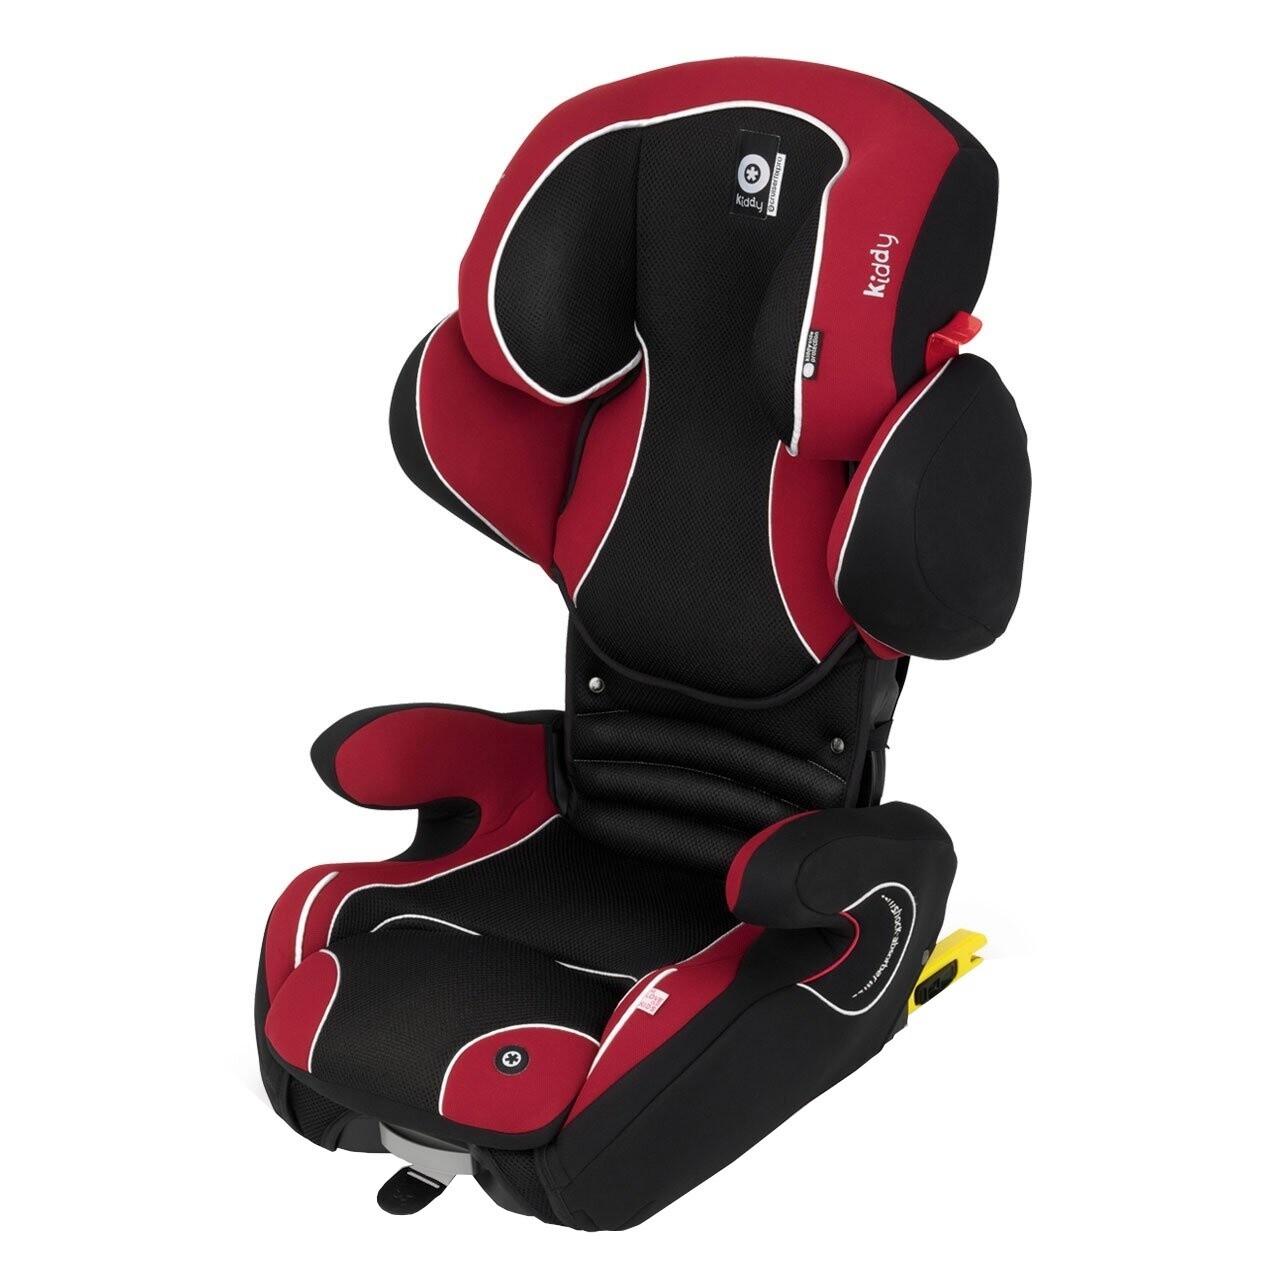 Kiddy Kindersitz / Autositz Cruiserfix Pro rot